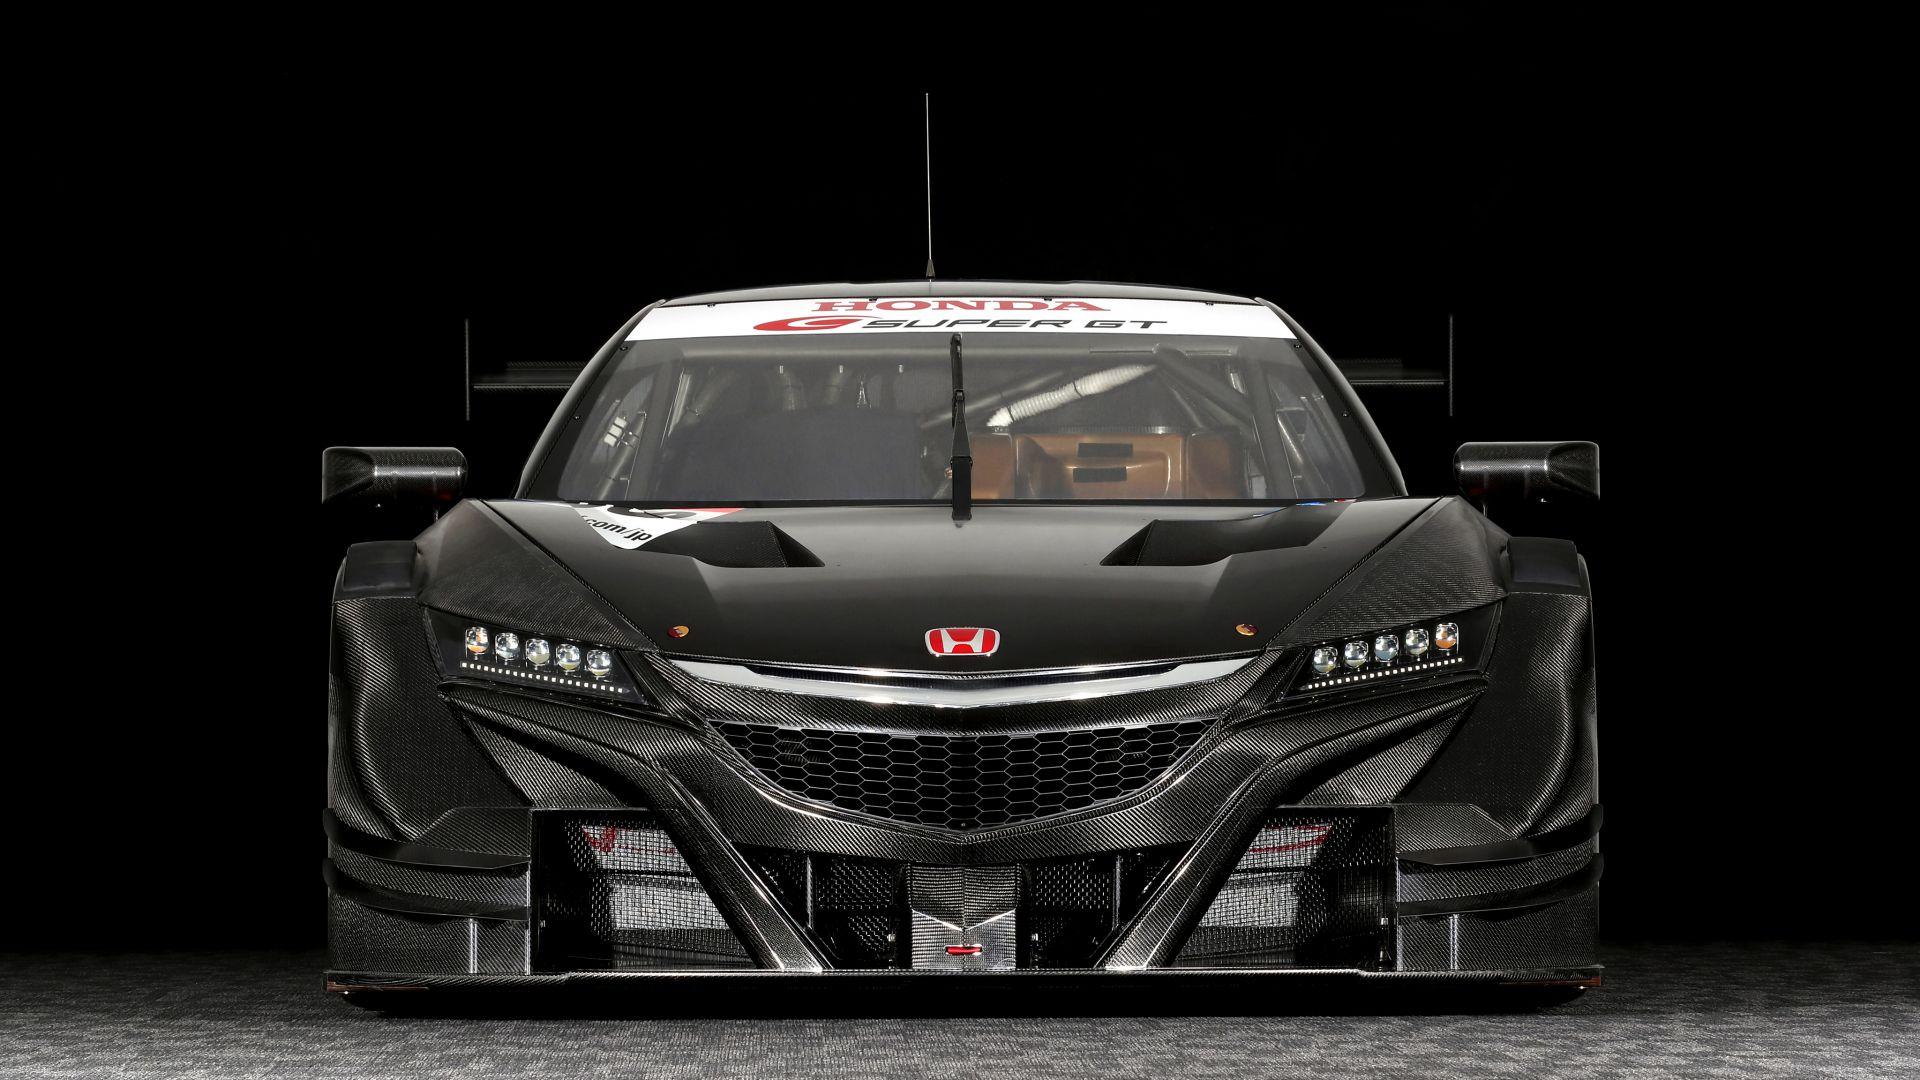 Honda NSX GT1, Sport Car, SEMA 2016 (horizontal) ...